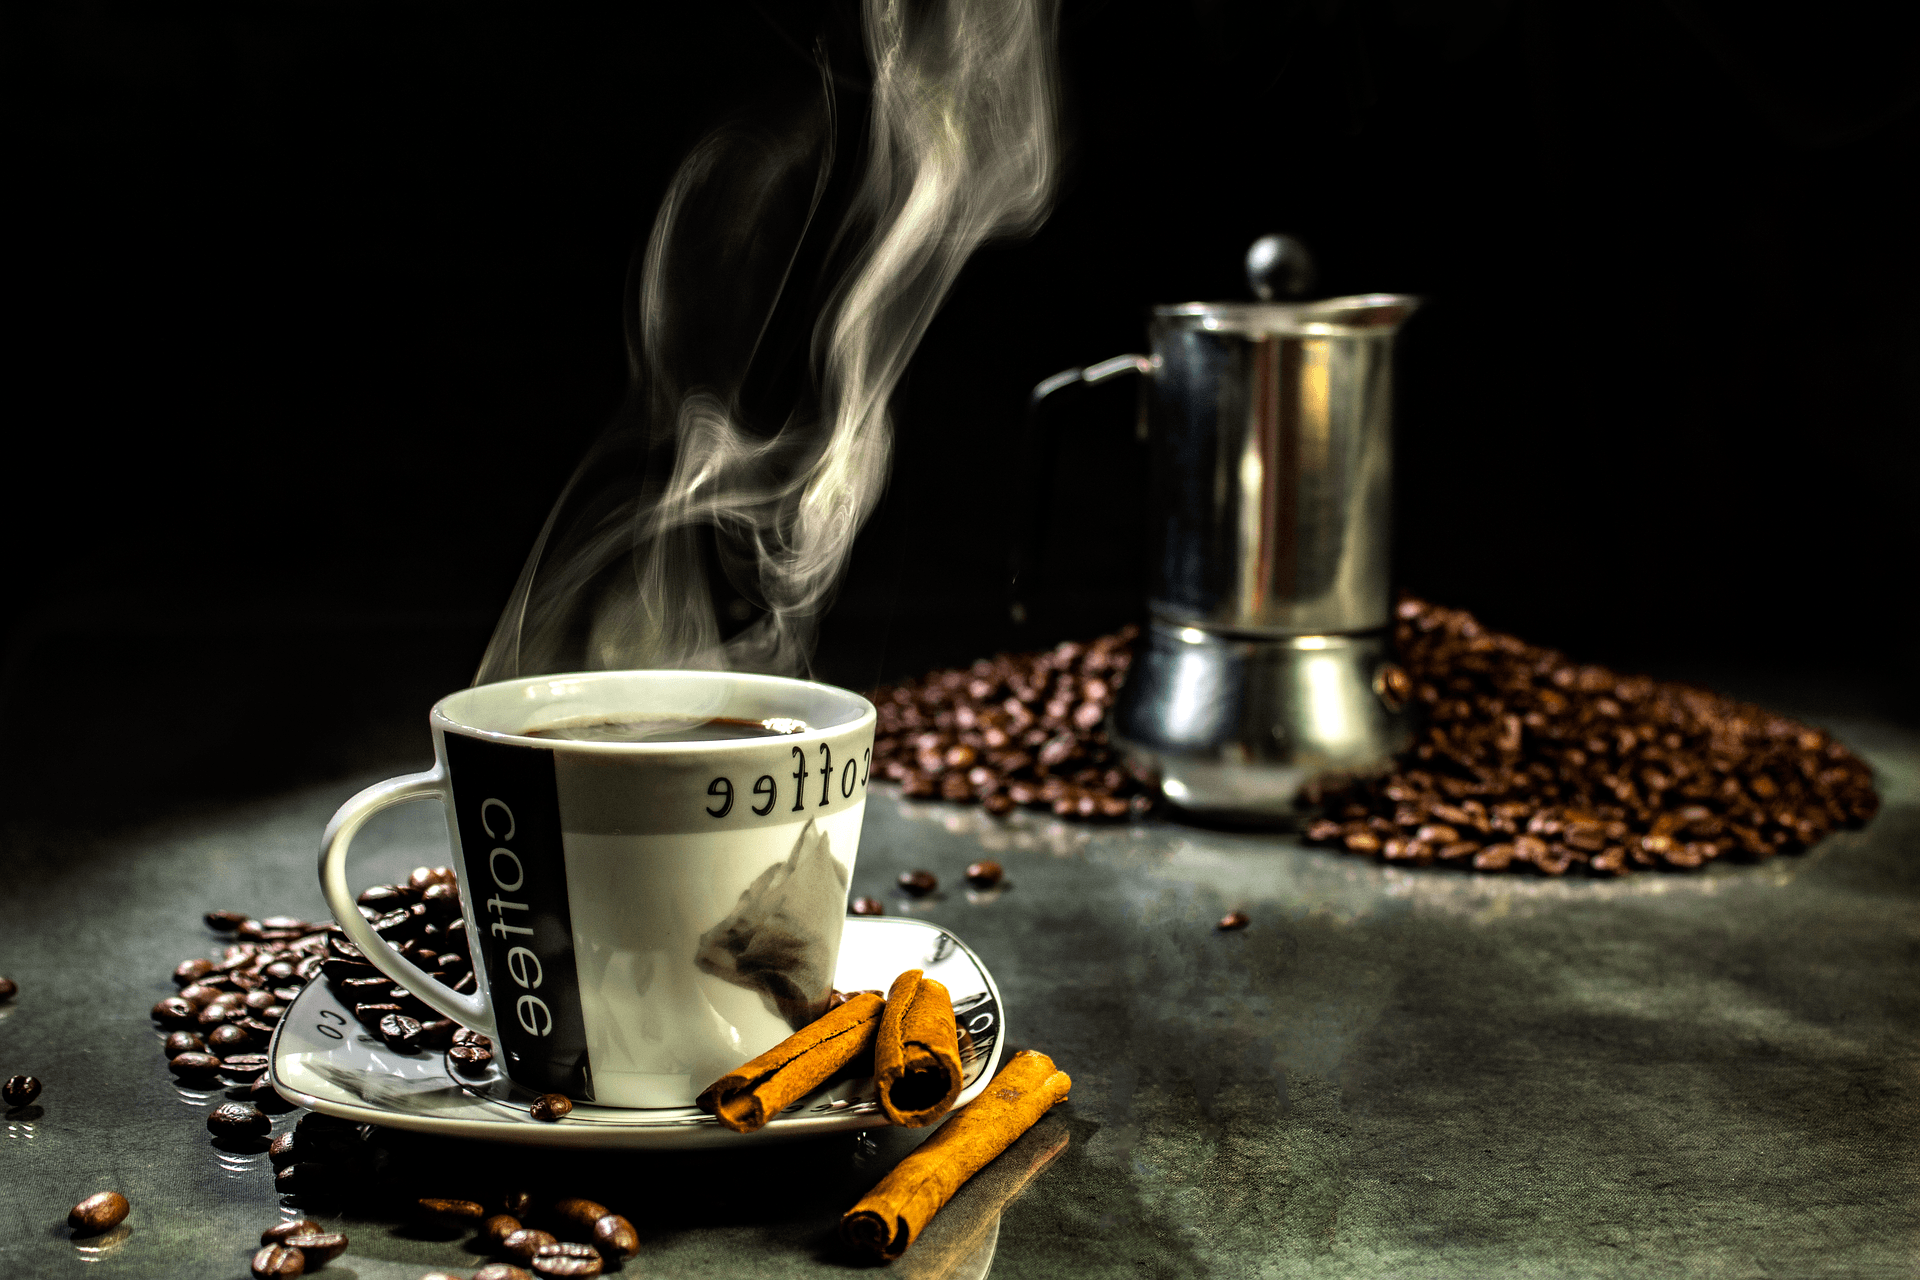 Comment utiliser une machine à café ?